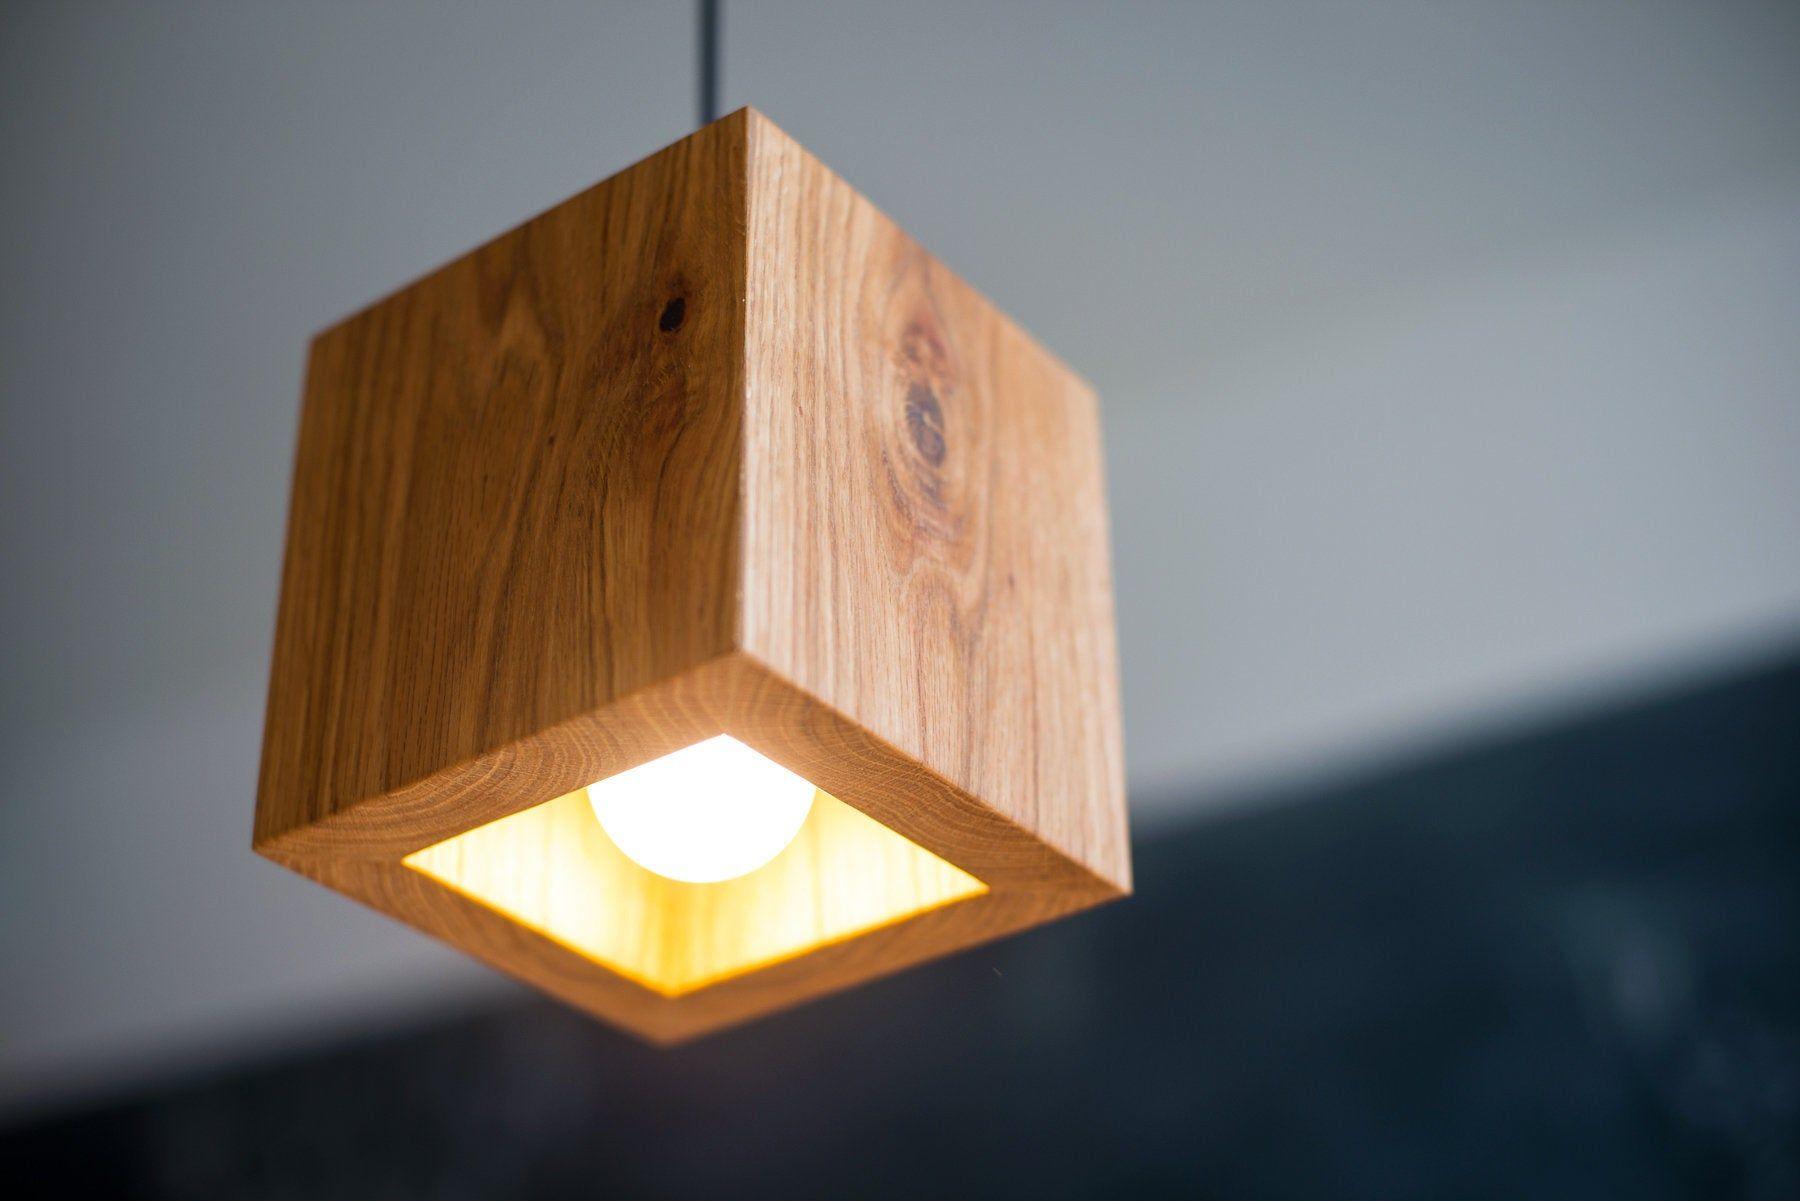 Pendant Light Q 339 Handmade Natural Oak Wooden Ceiling Lamp